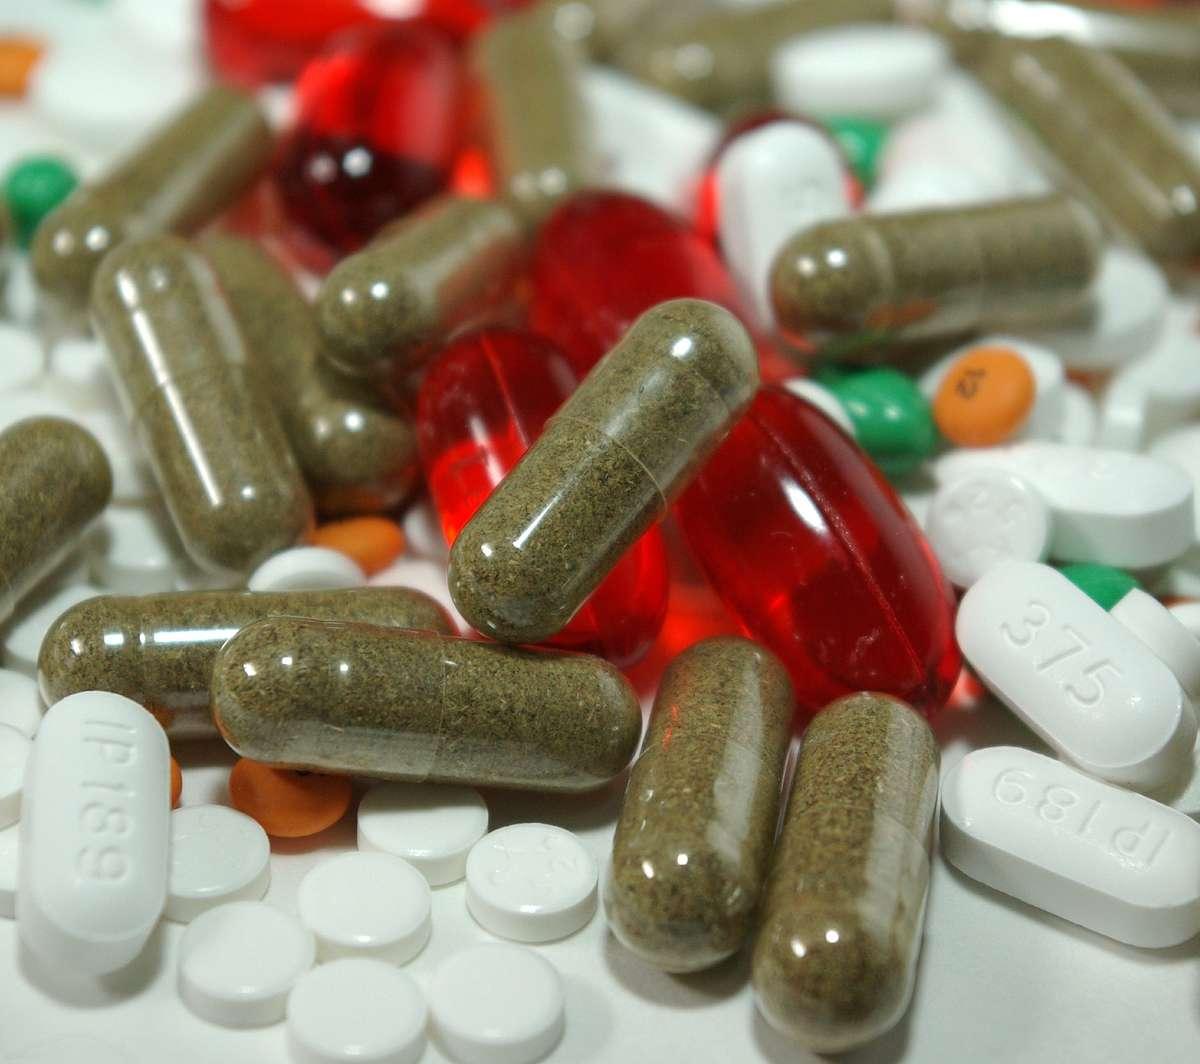 Informacja o braku dowodów na skuteczność homeopatii będzie na opakowaniach leków? - full image